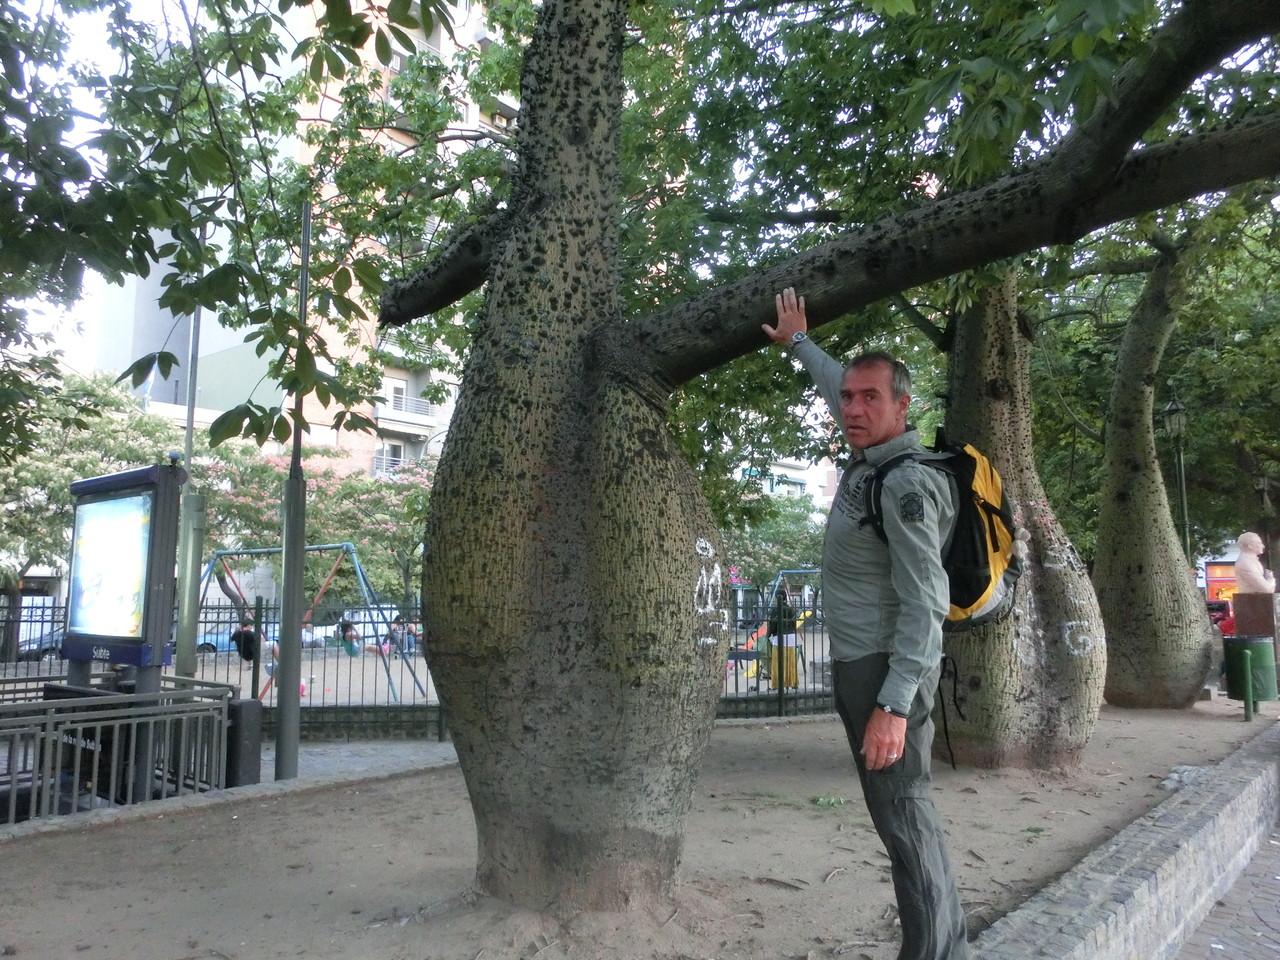 Solche Bäume haben wir auch noch nie gesehen